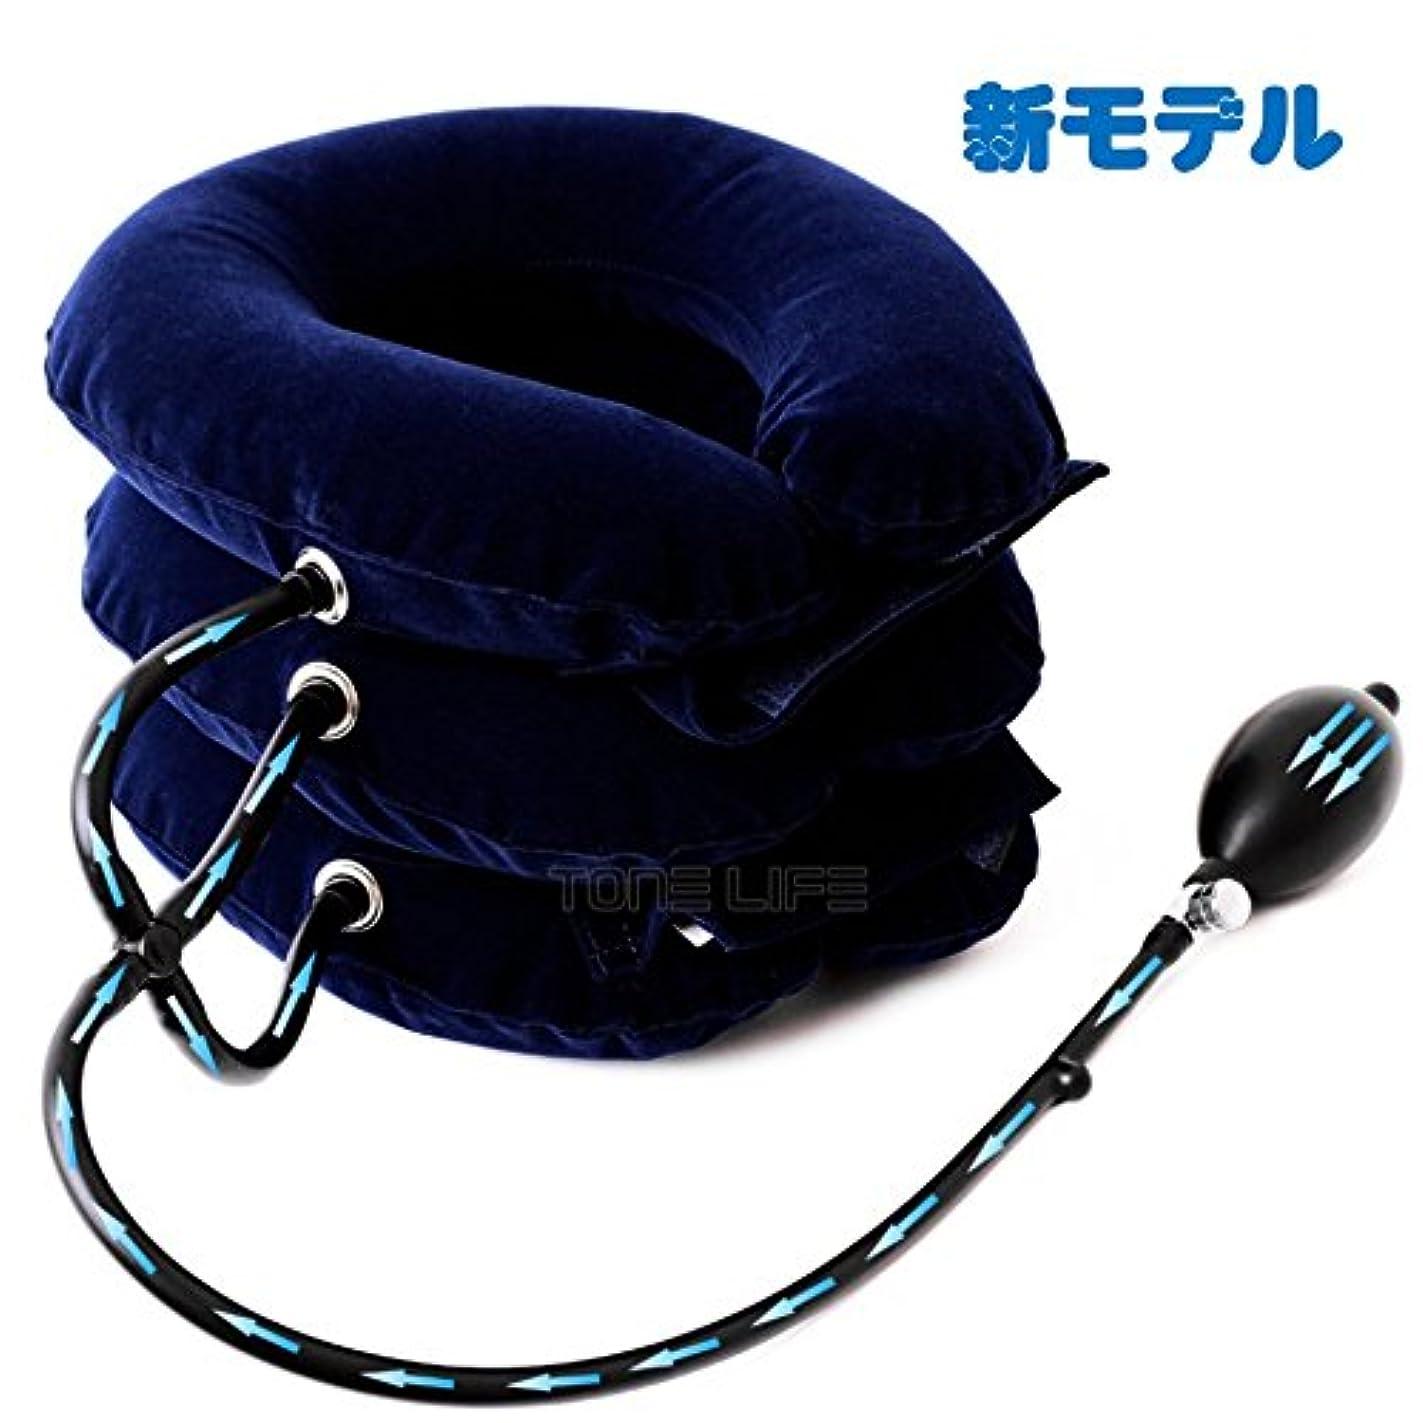 自動的に鳩立ち寄るTONELIFE 3つ又チューブ エアー ネックストレッチャー 頚椎カラー 軽量 首サポーター 頸椎牽引装置 三つ叉ポンプ式 説明書付き (ブルー/蓝色)